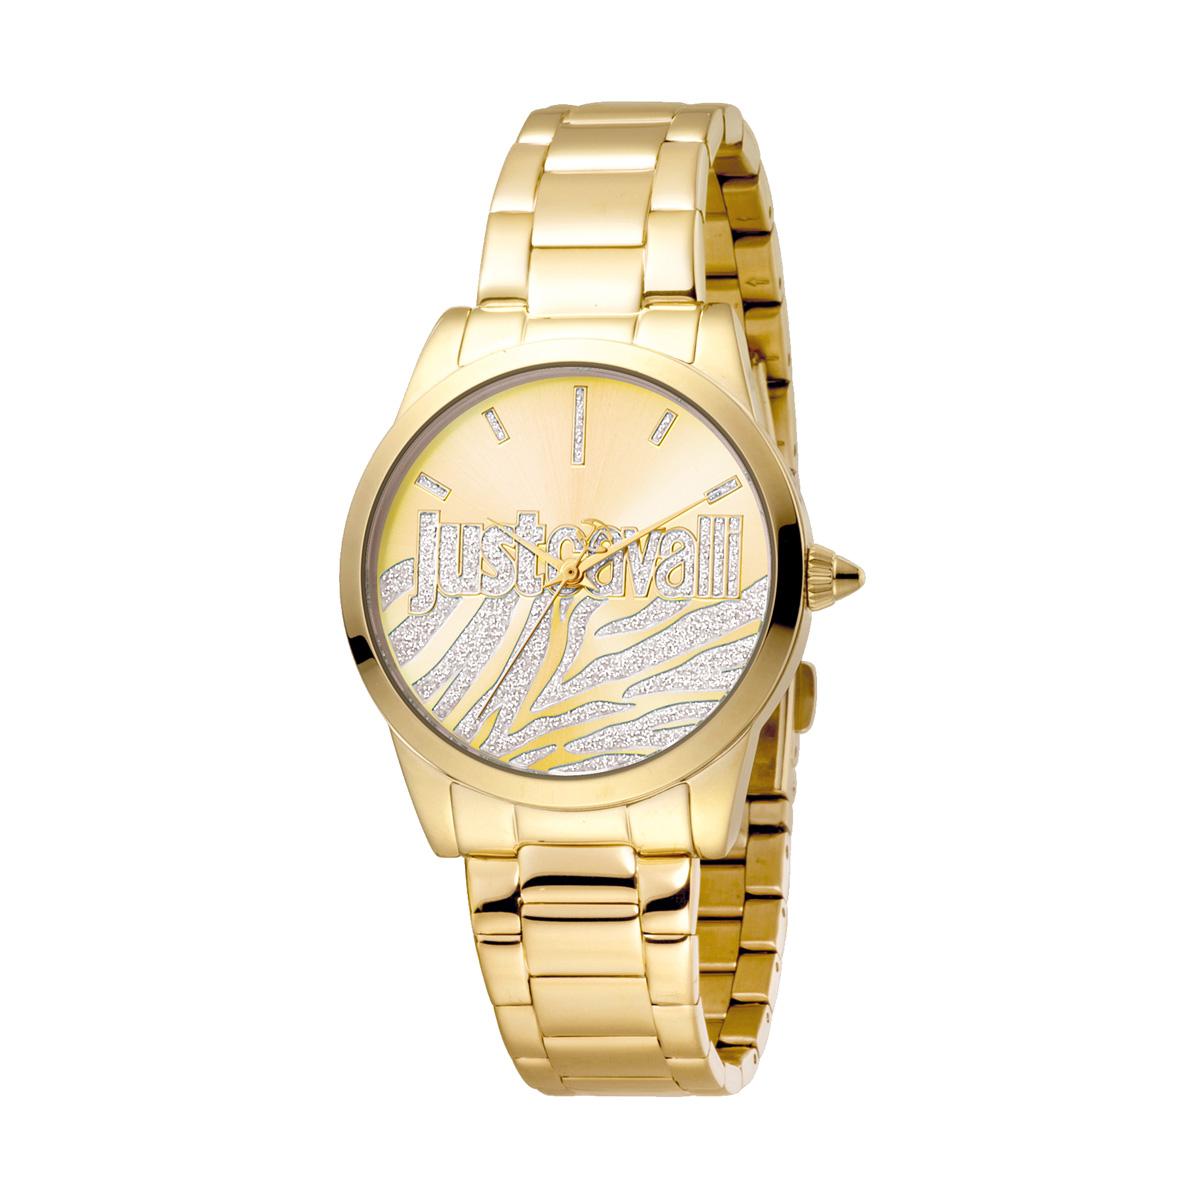 Relógio JUST CAVALLI Firma Dourado JC1L069M0025. Adicionar à Lista de  Desejos Remover da Lista de Desejos c4ec2e1db2